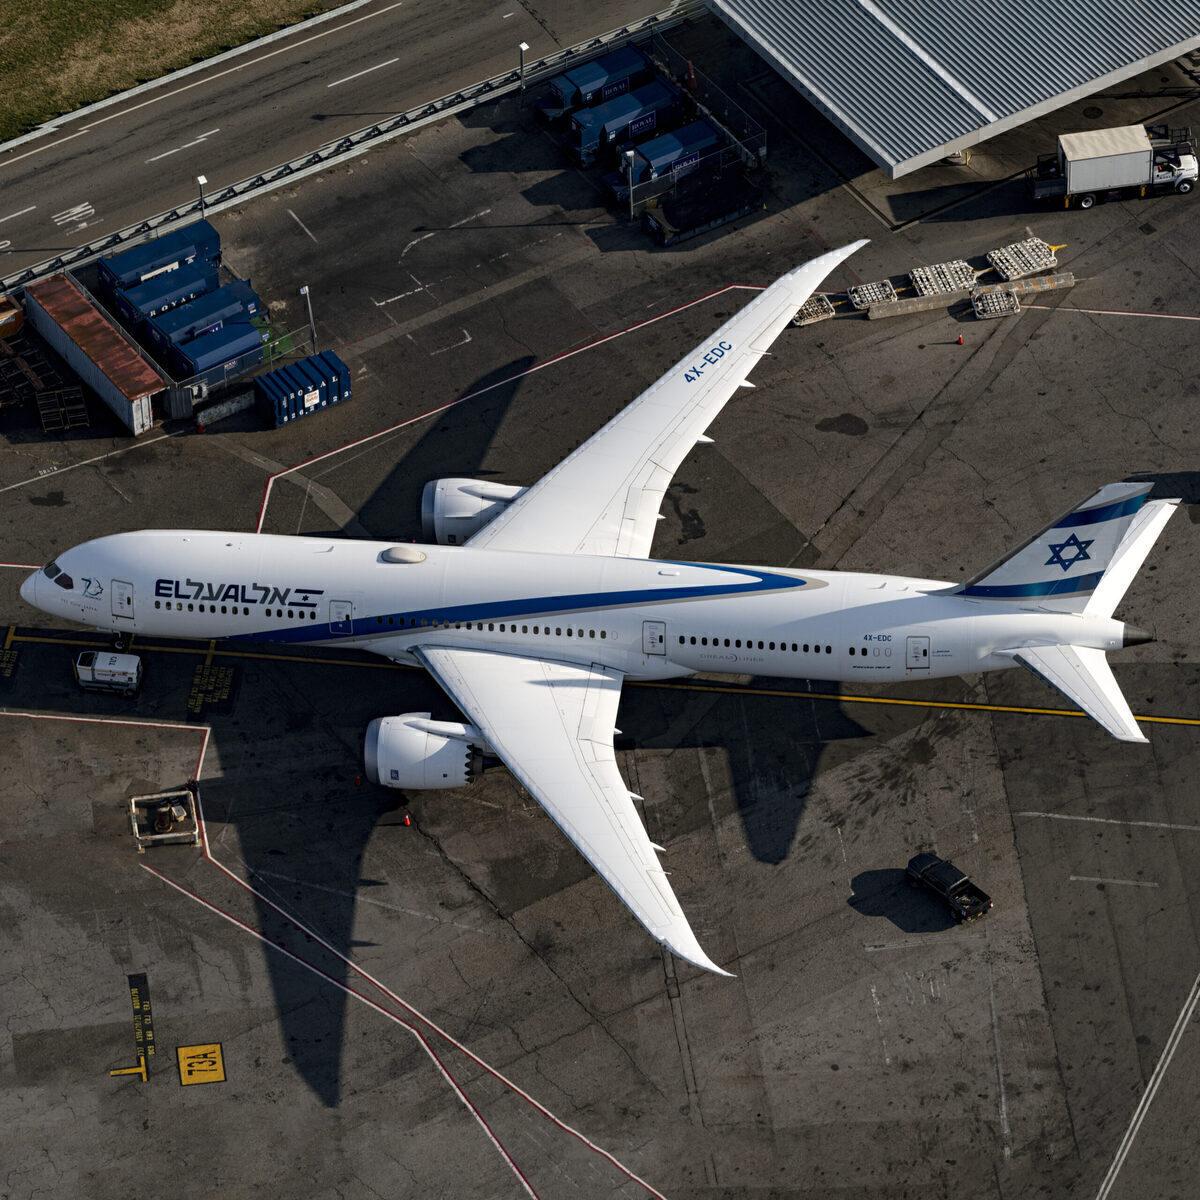 El Al Begins Rapid COVID-19 Tests At Check-In